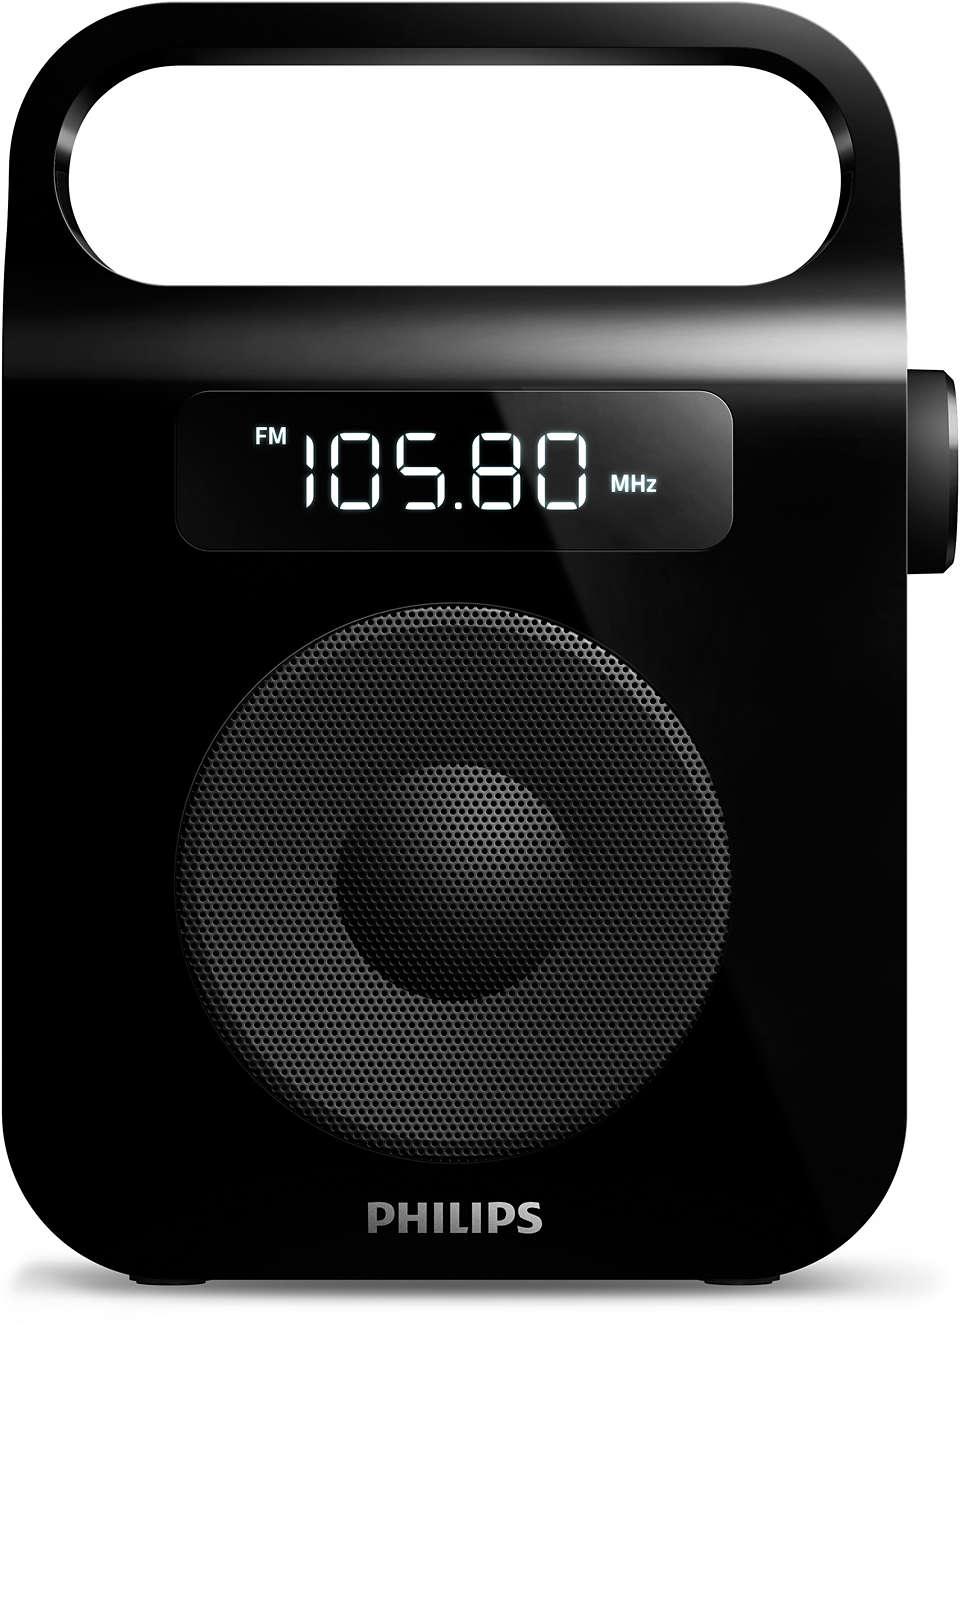 Enjoy your favourite radio